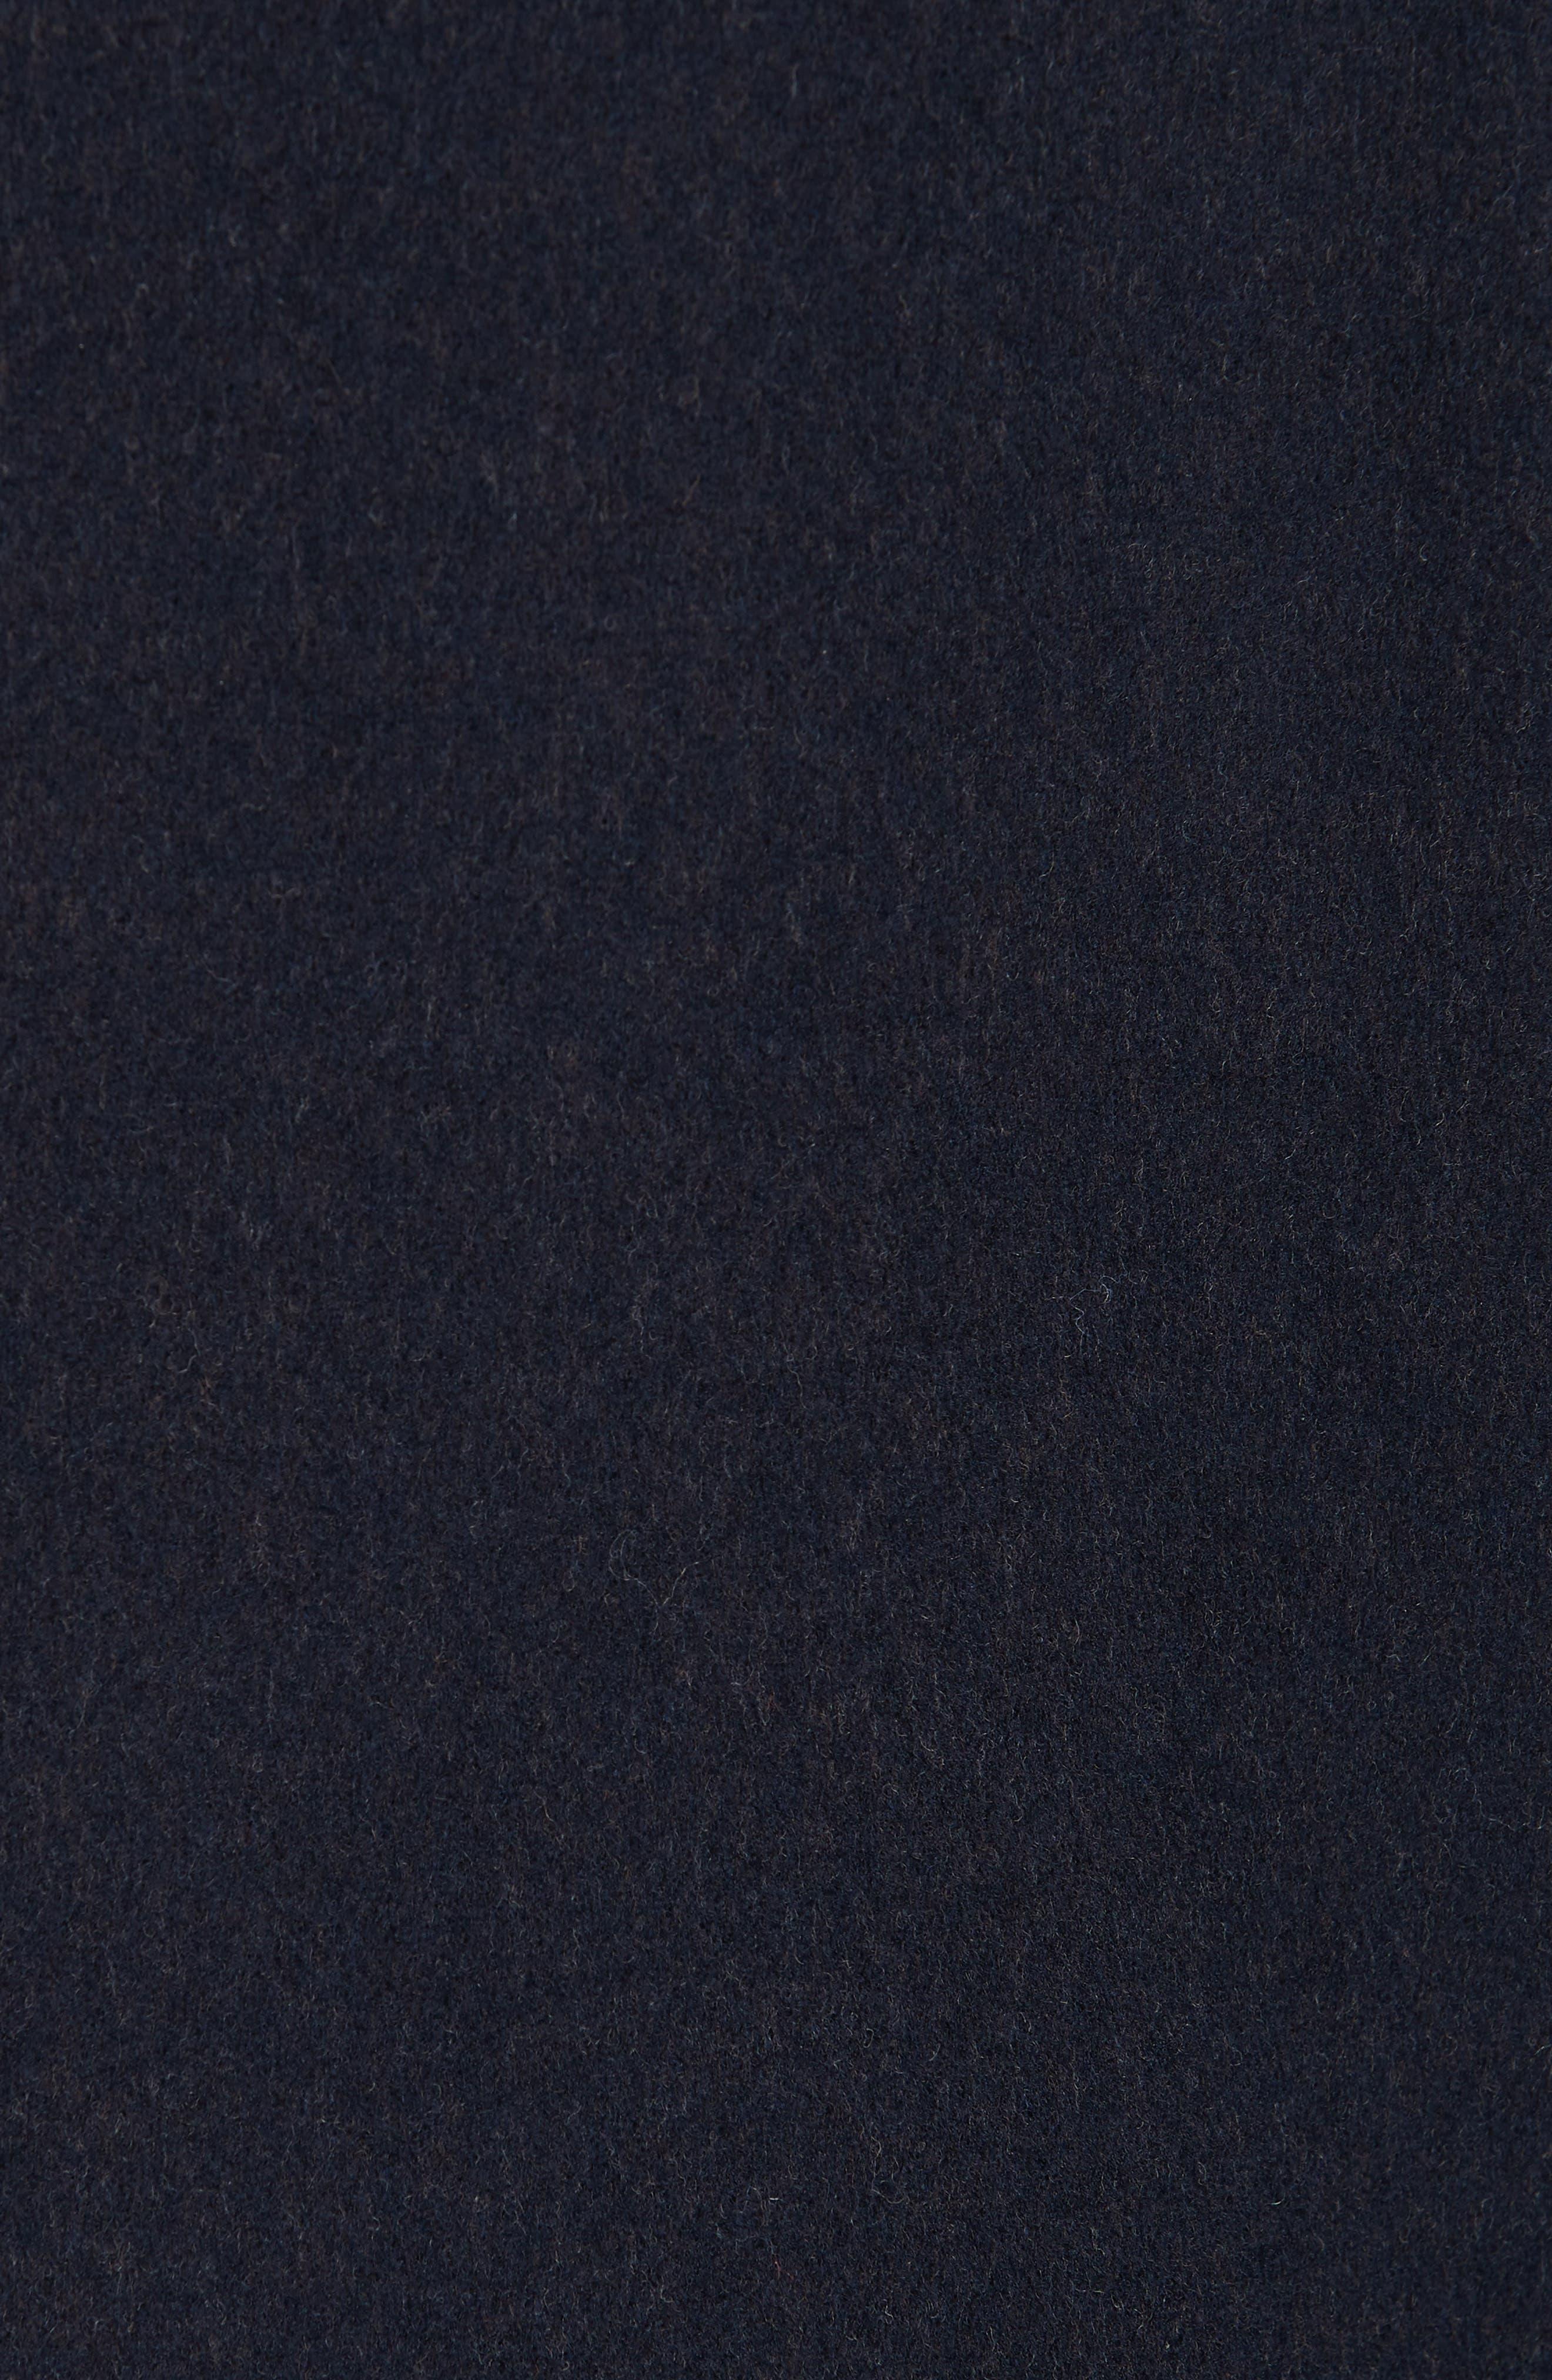 Trim Fit Wool & Cashmere Car Coat,                             Alternate thumbnail 6, color,                             NAVY